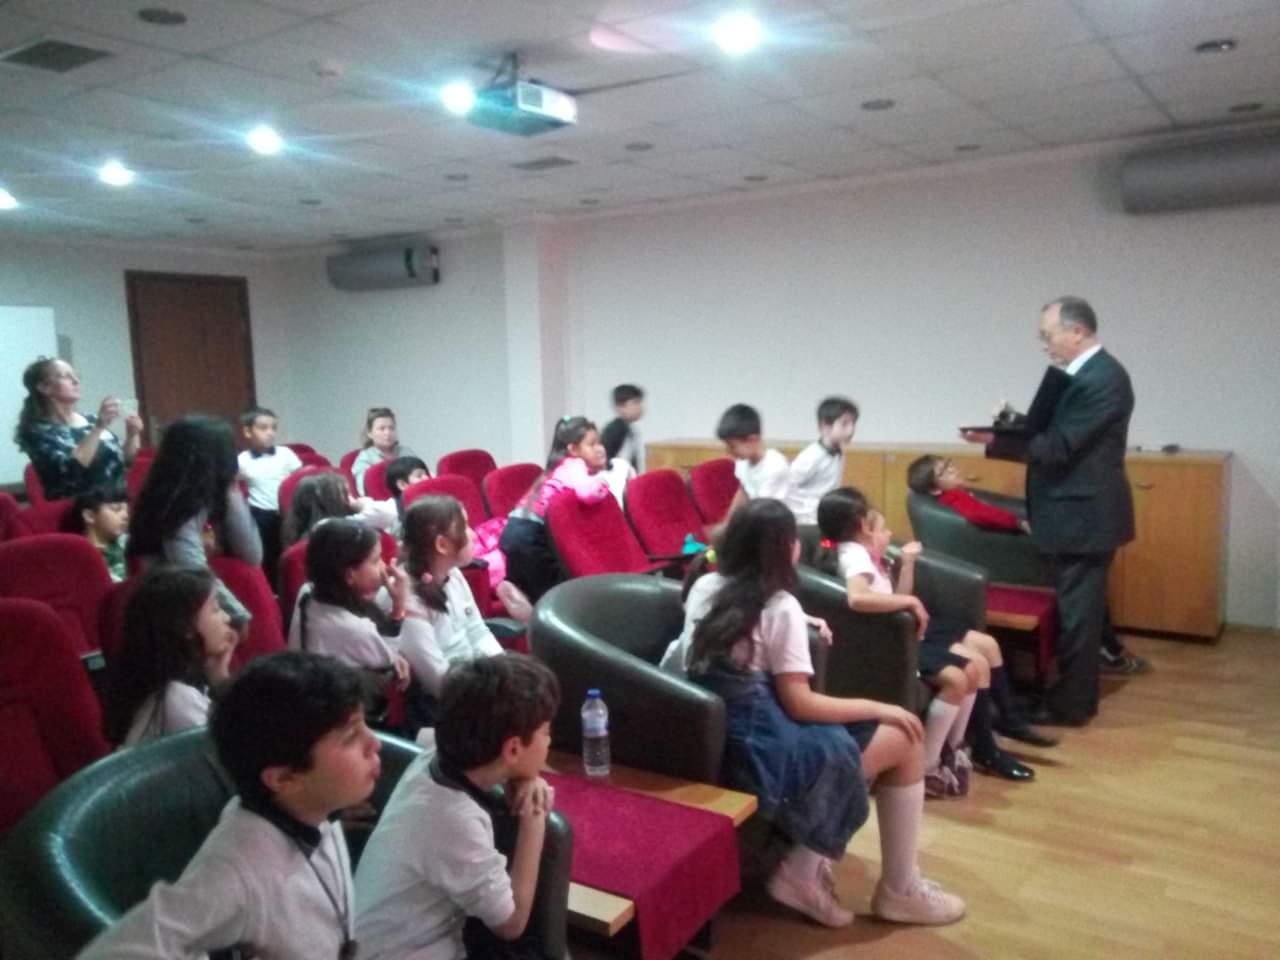 İzmir Necip Fazıl Kısakürek İlkokulunda, Bilinçli Ve Güvenli İnternet Semineri